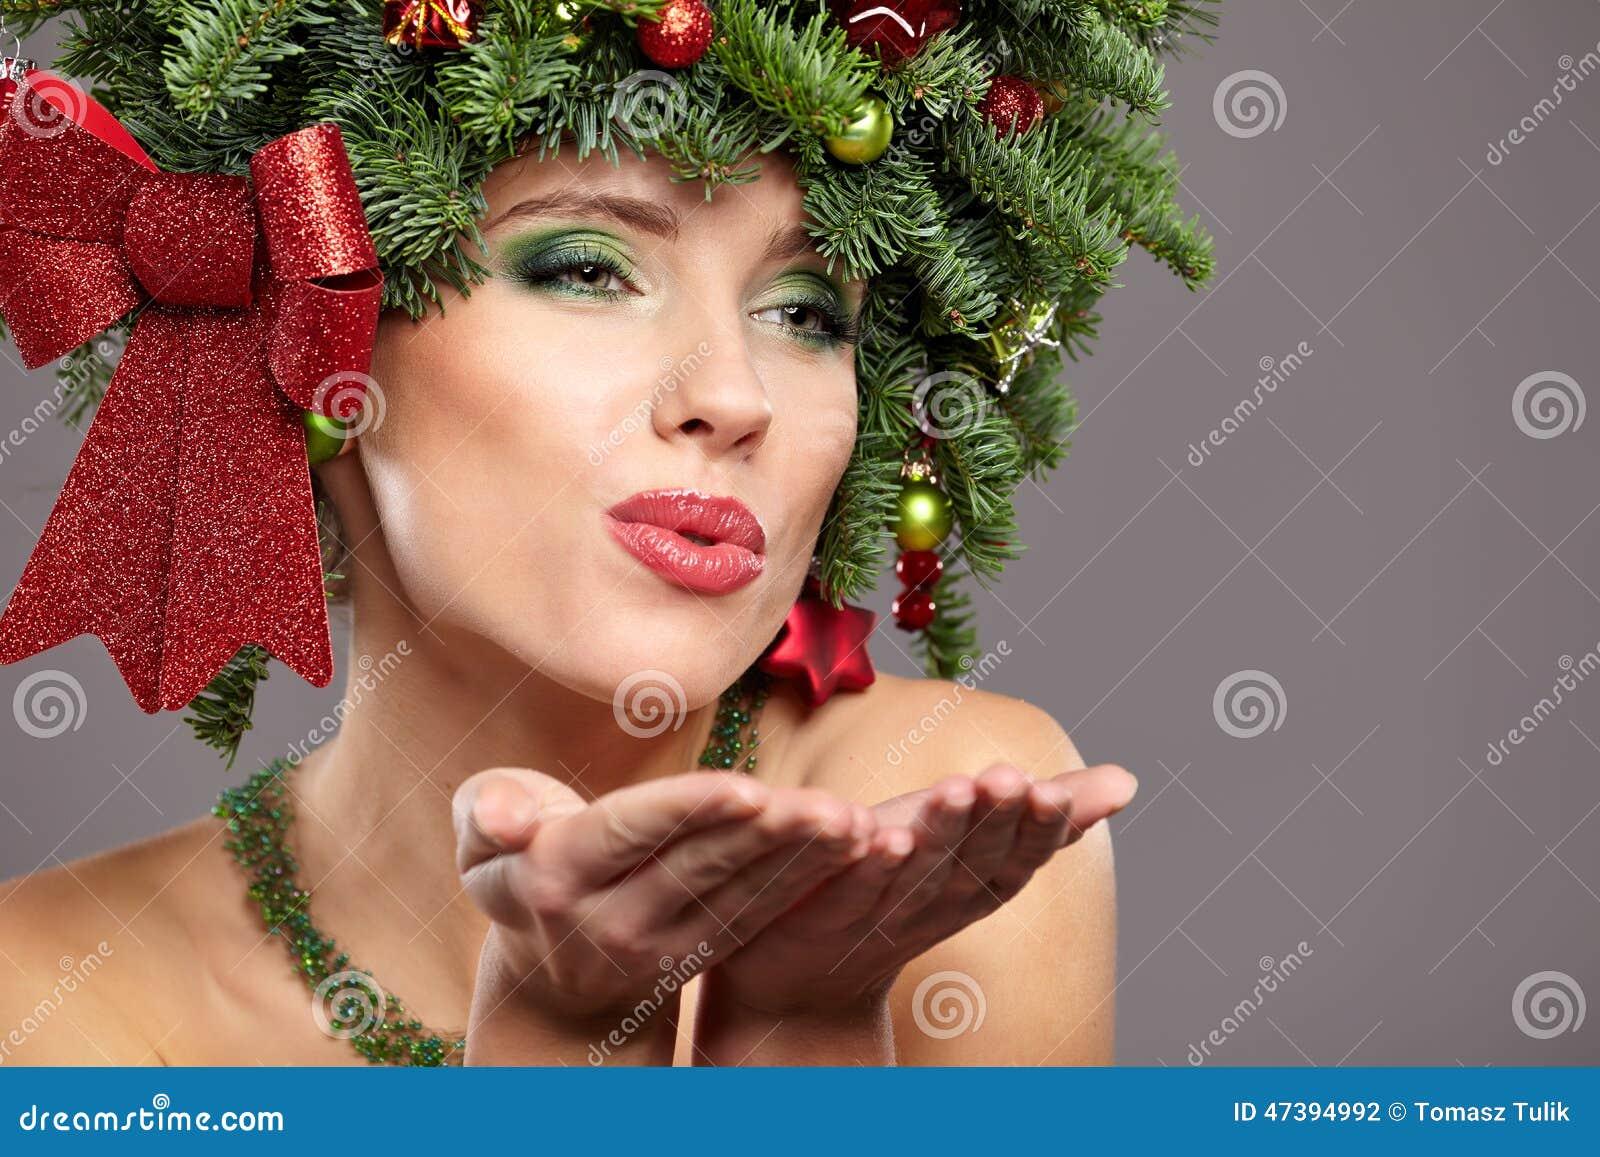 Schone Weihnachtsbaum Feiertags Frisur Und Machen Stockfoto Bild